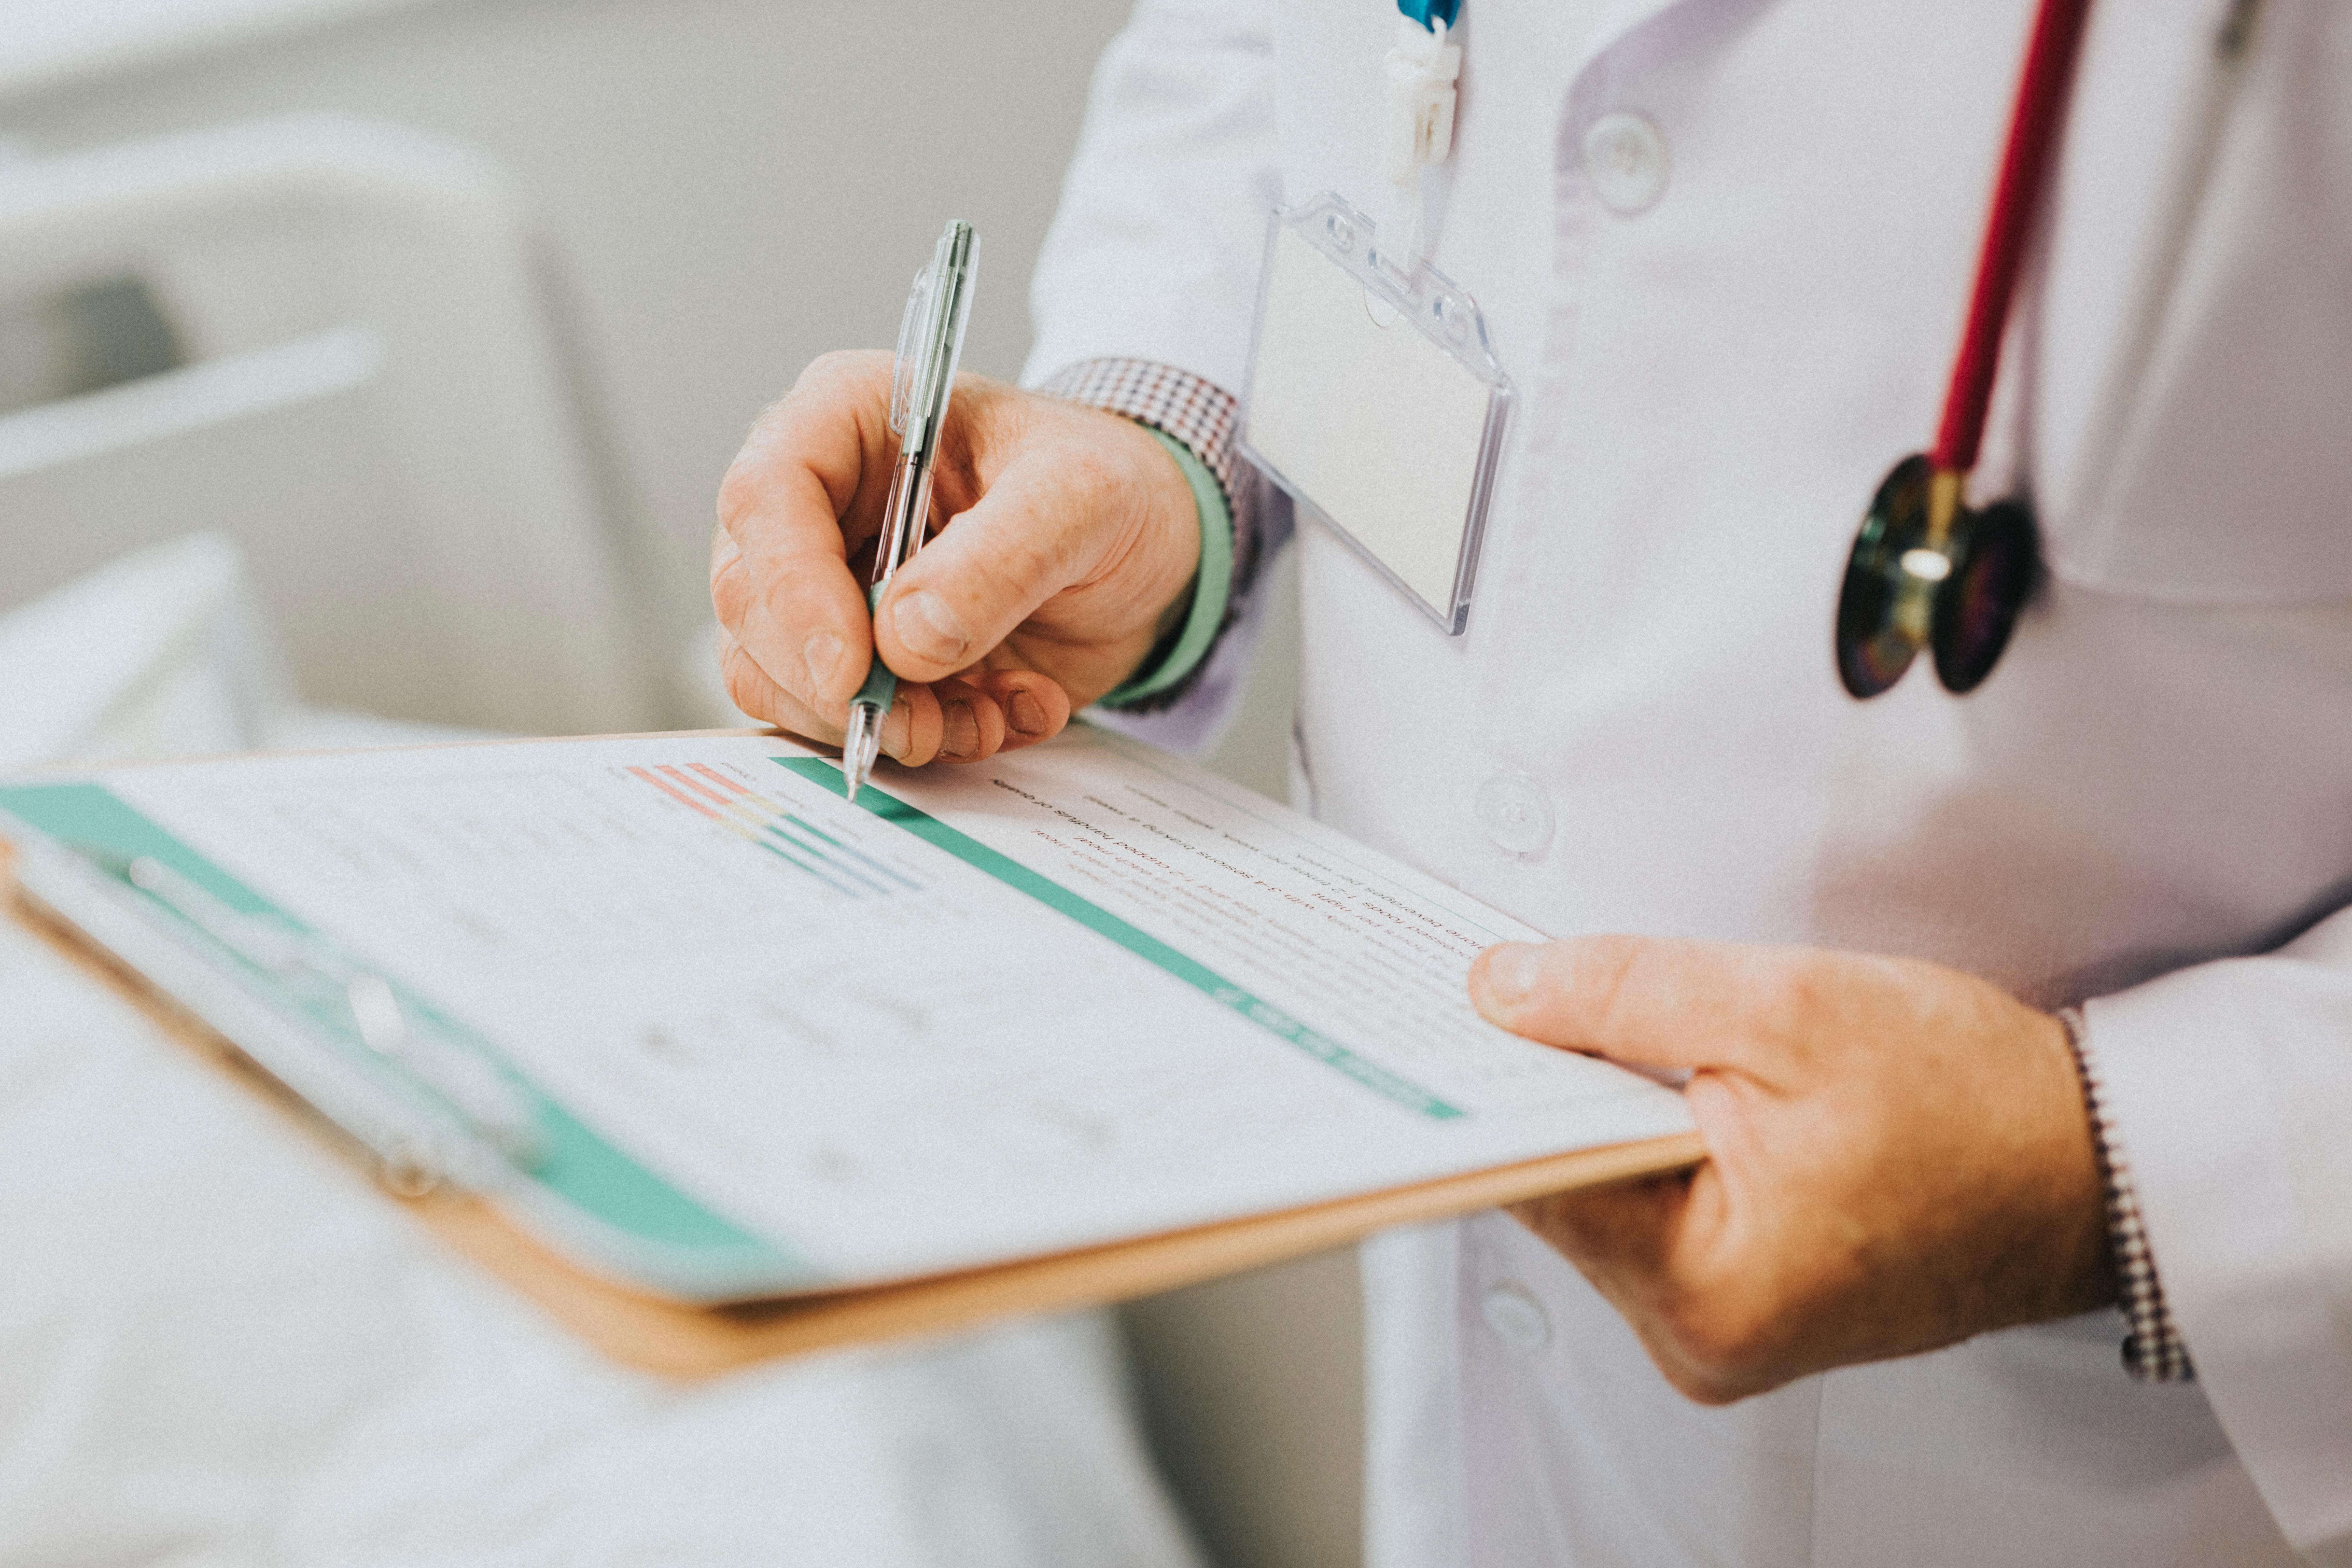 Plano deve reembolsar despesa em hospital não credenciado, nos limites da tabela, mesmo não sendo urgência ou emergência